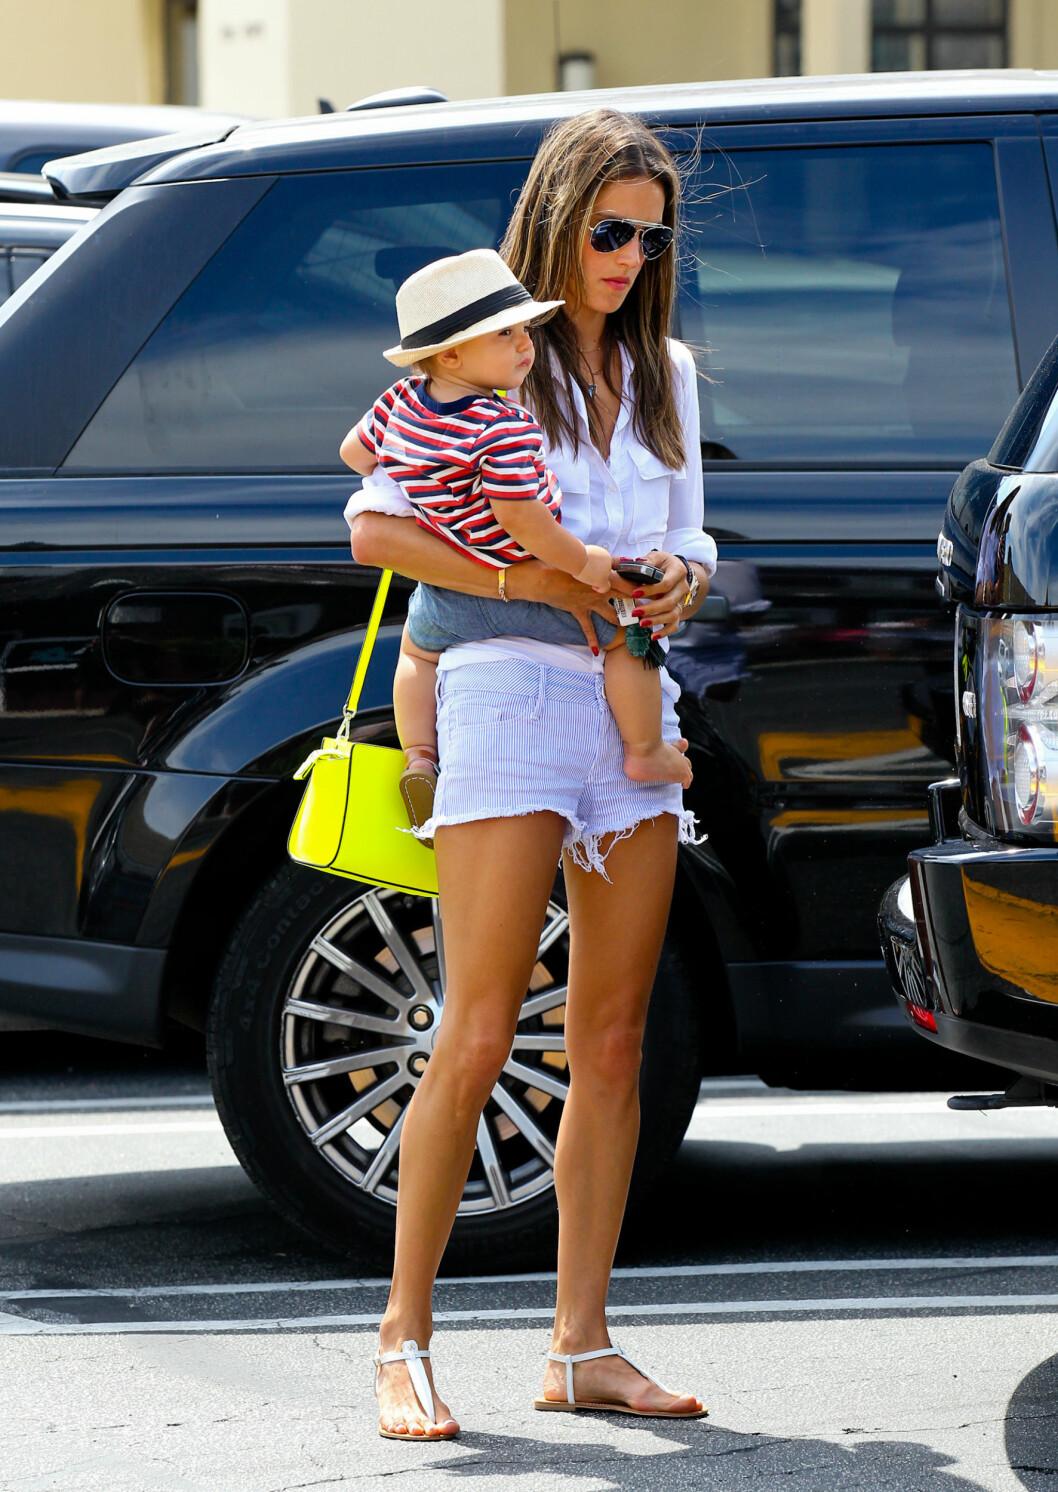 Supermodell Alessandra Ambrosio i stripete shorts, avslappet hvit skjorte og en knall gul veske fra Michael Kors. Foto: action press/All Over Press